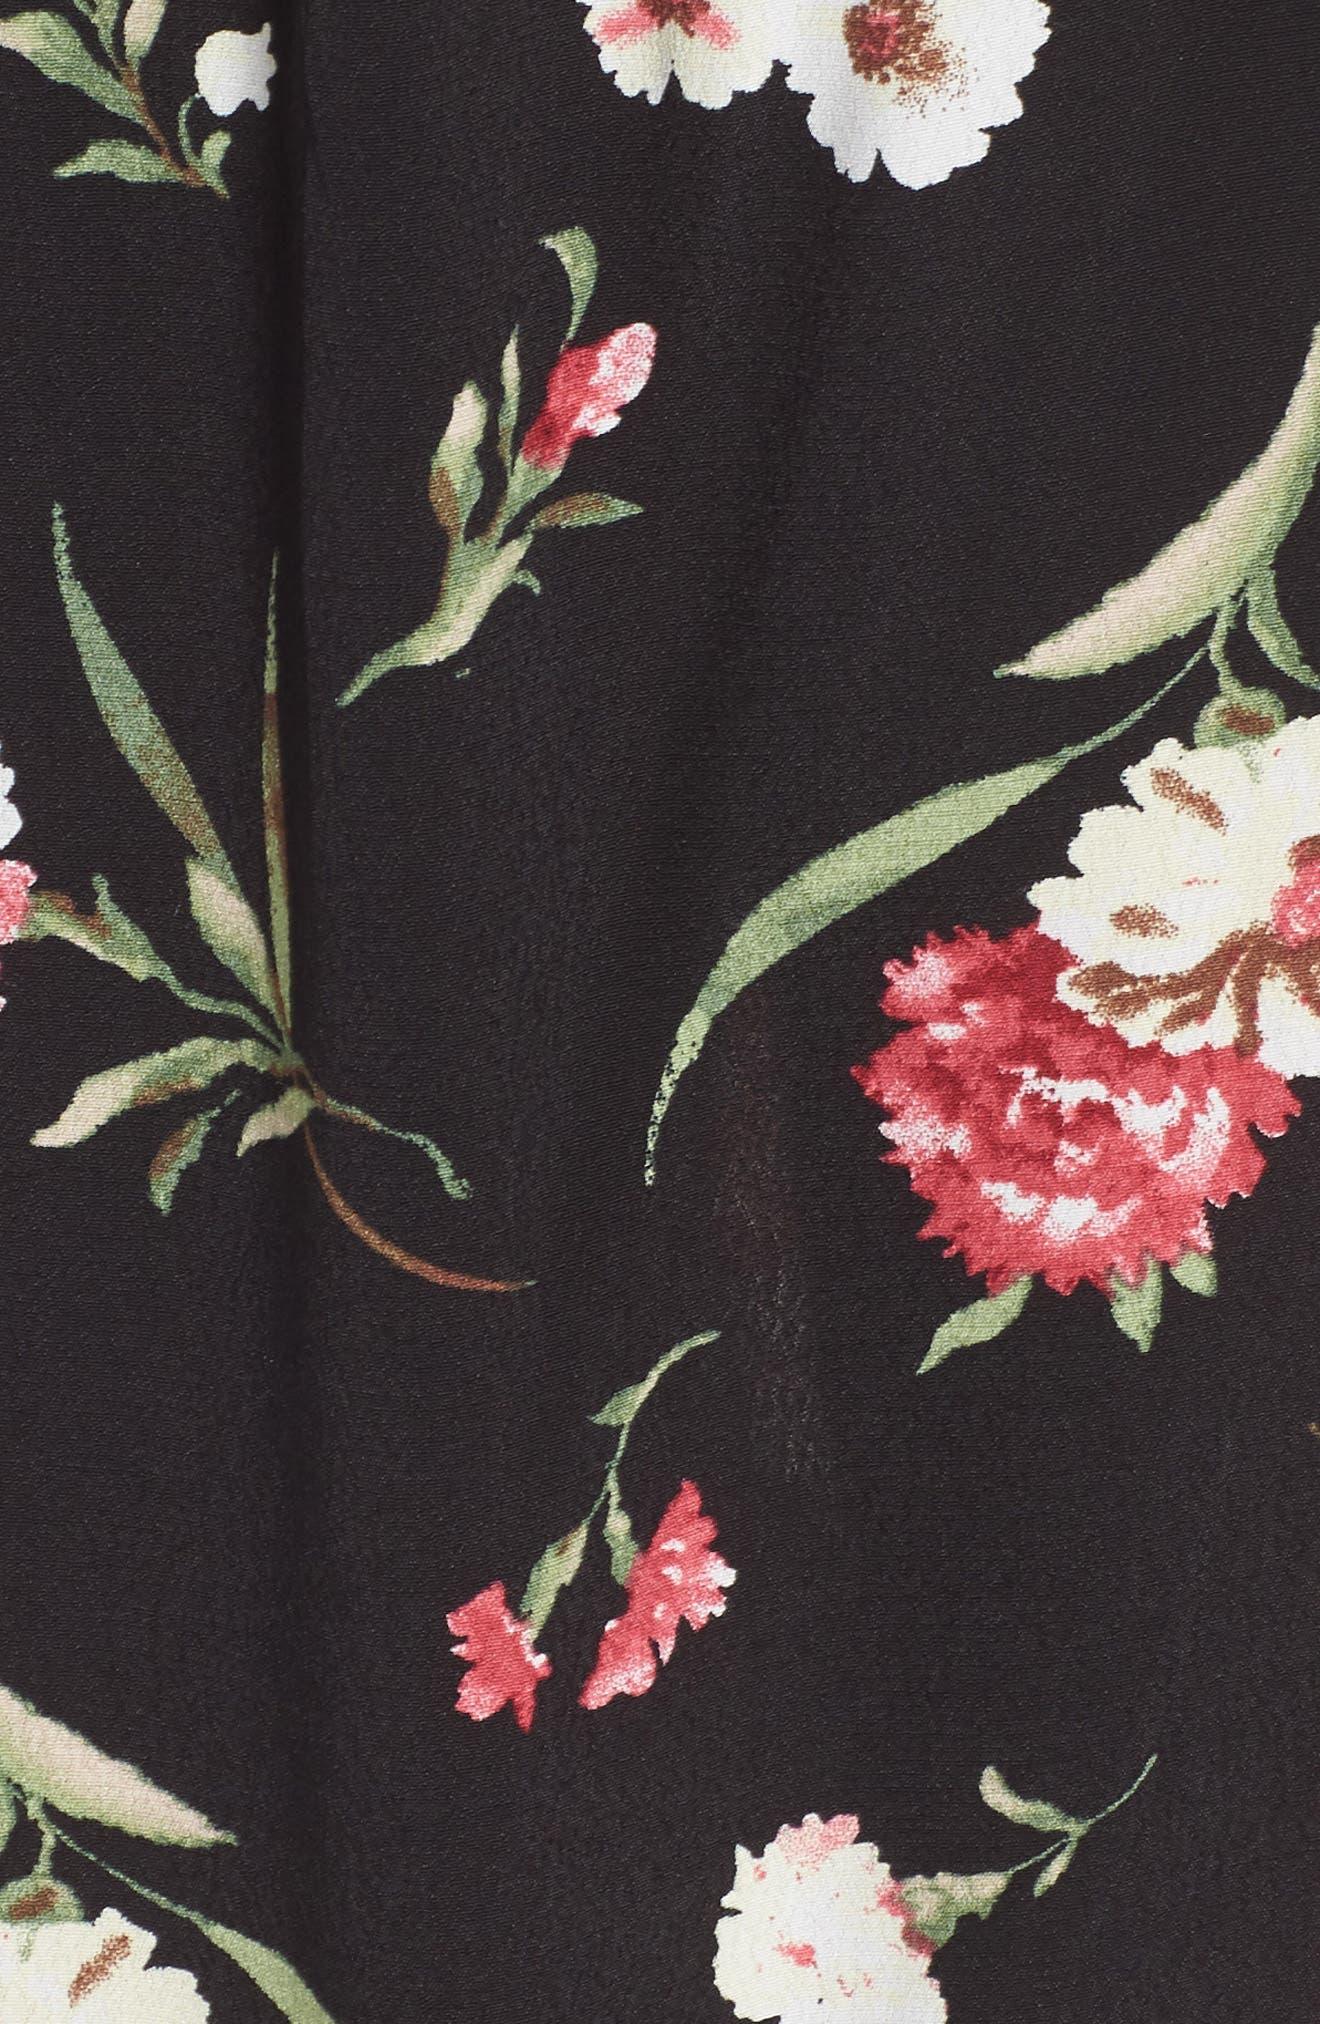 Tie Front Floral Dress,                             Alternate thumbnail 5, color,                             001